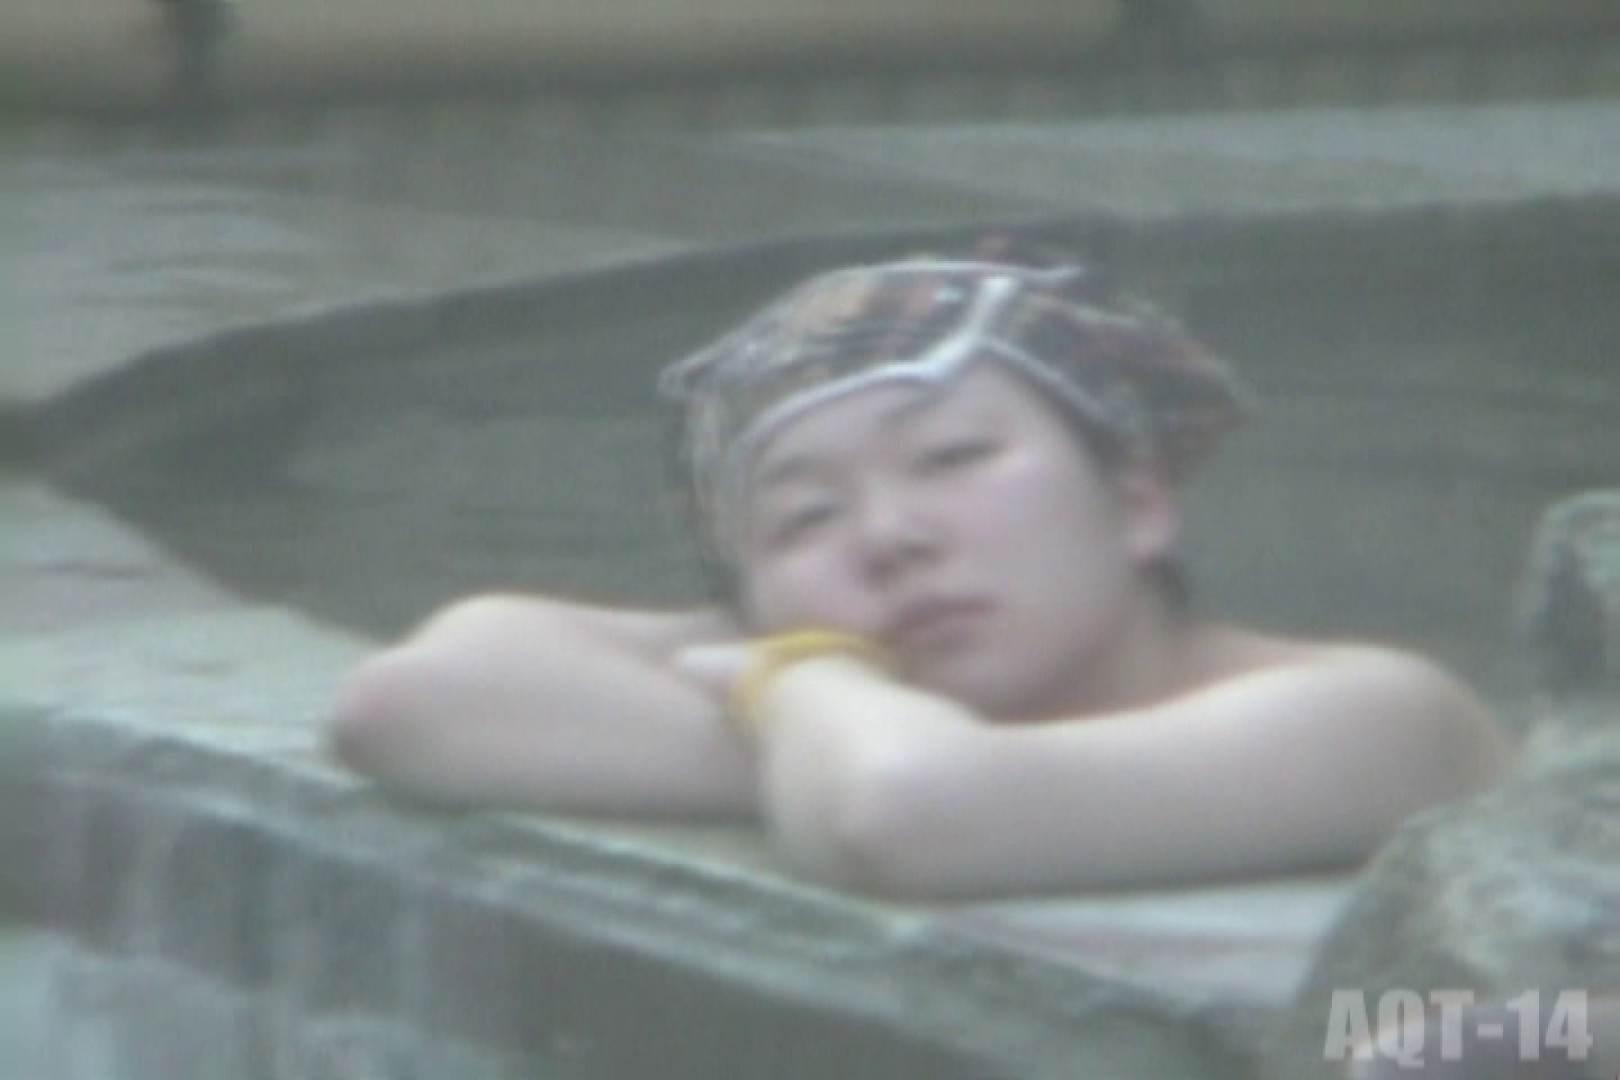 Aquaな露天風呂Vol.830 OLのエロ生活  34連発 12